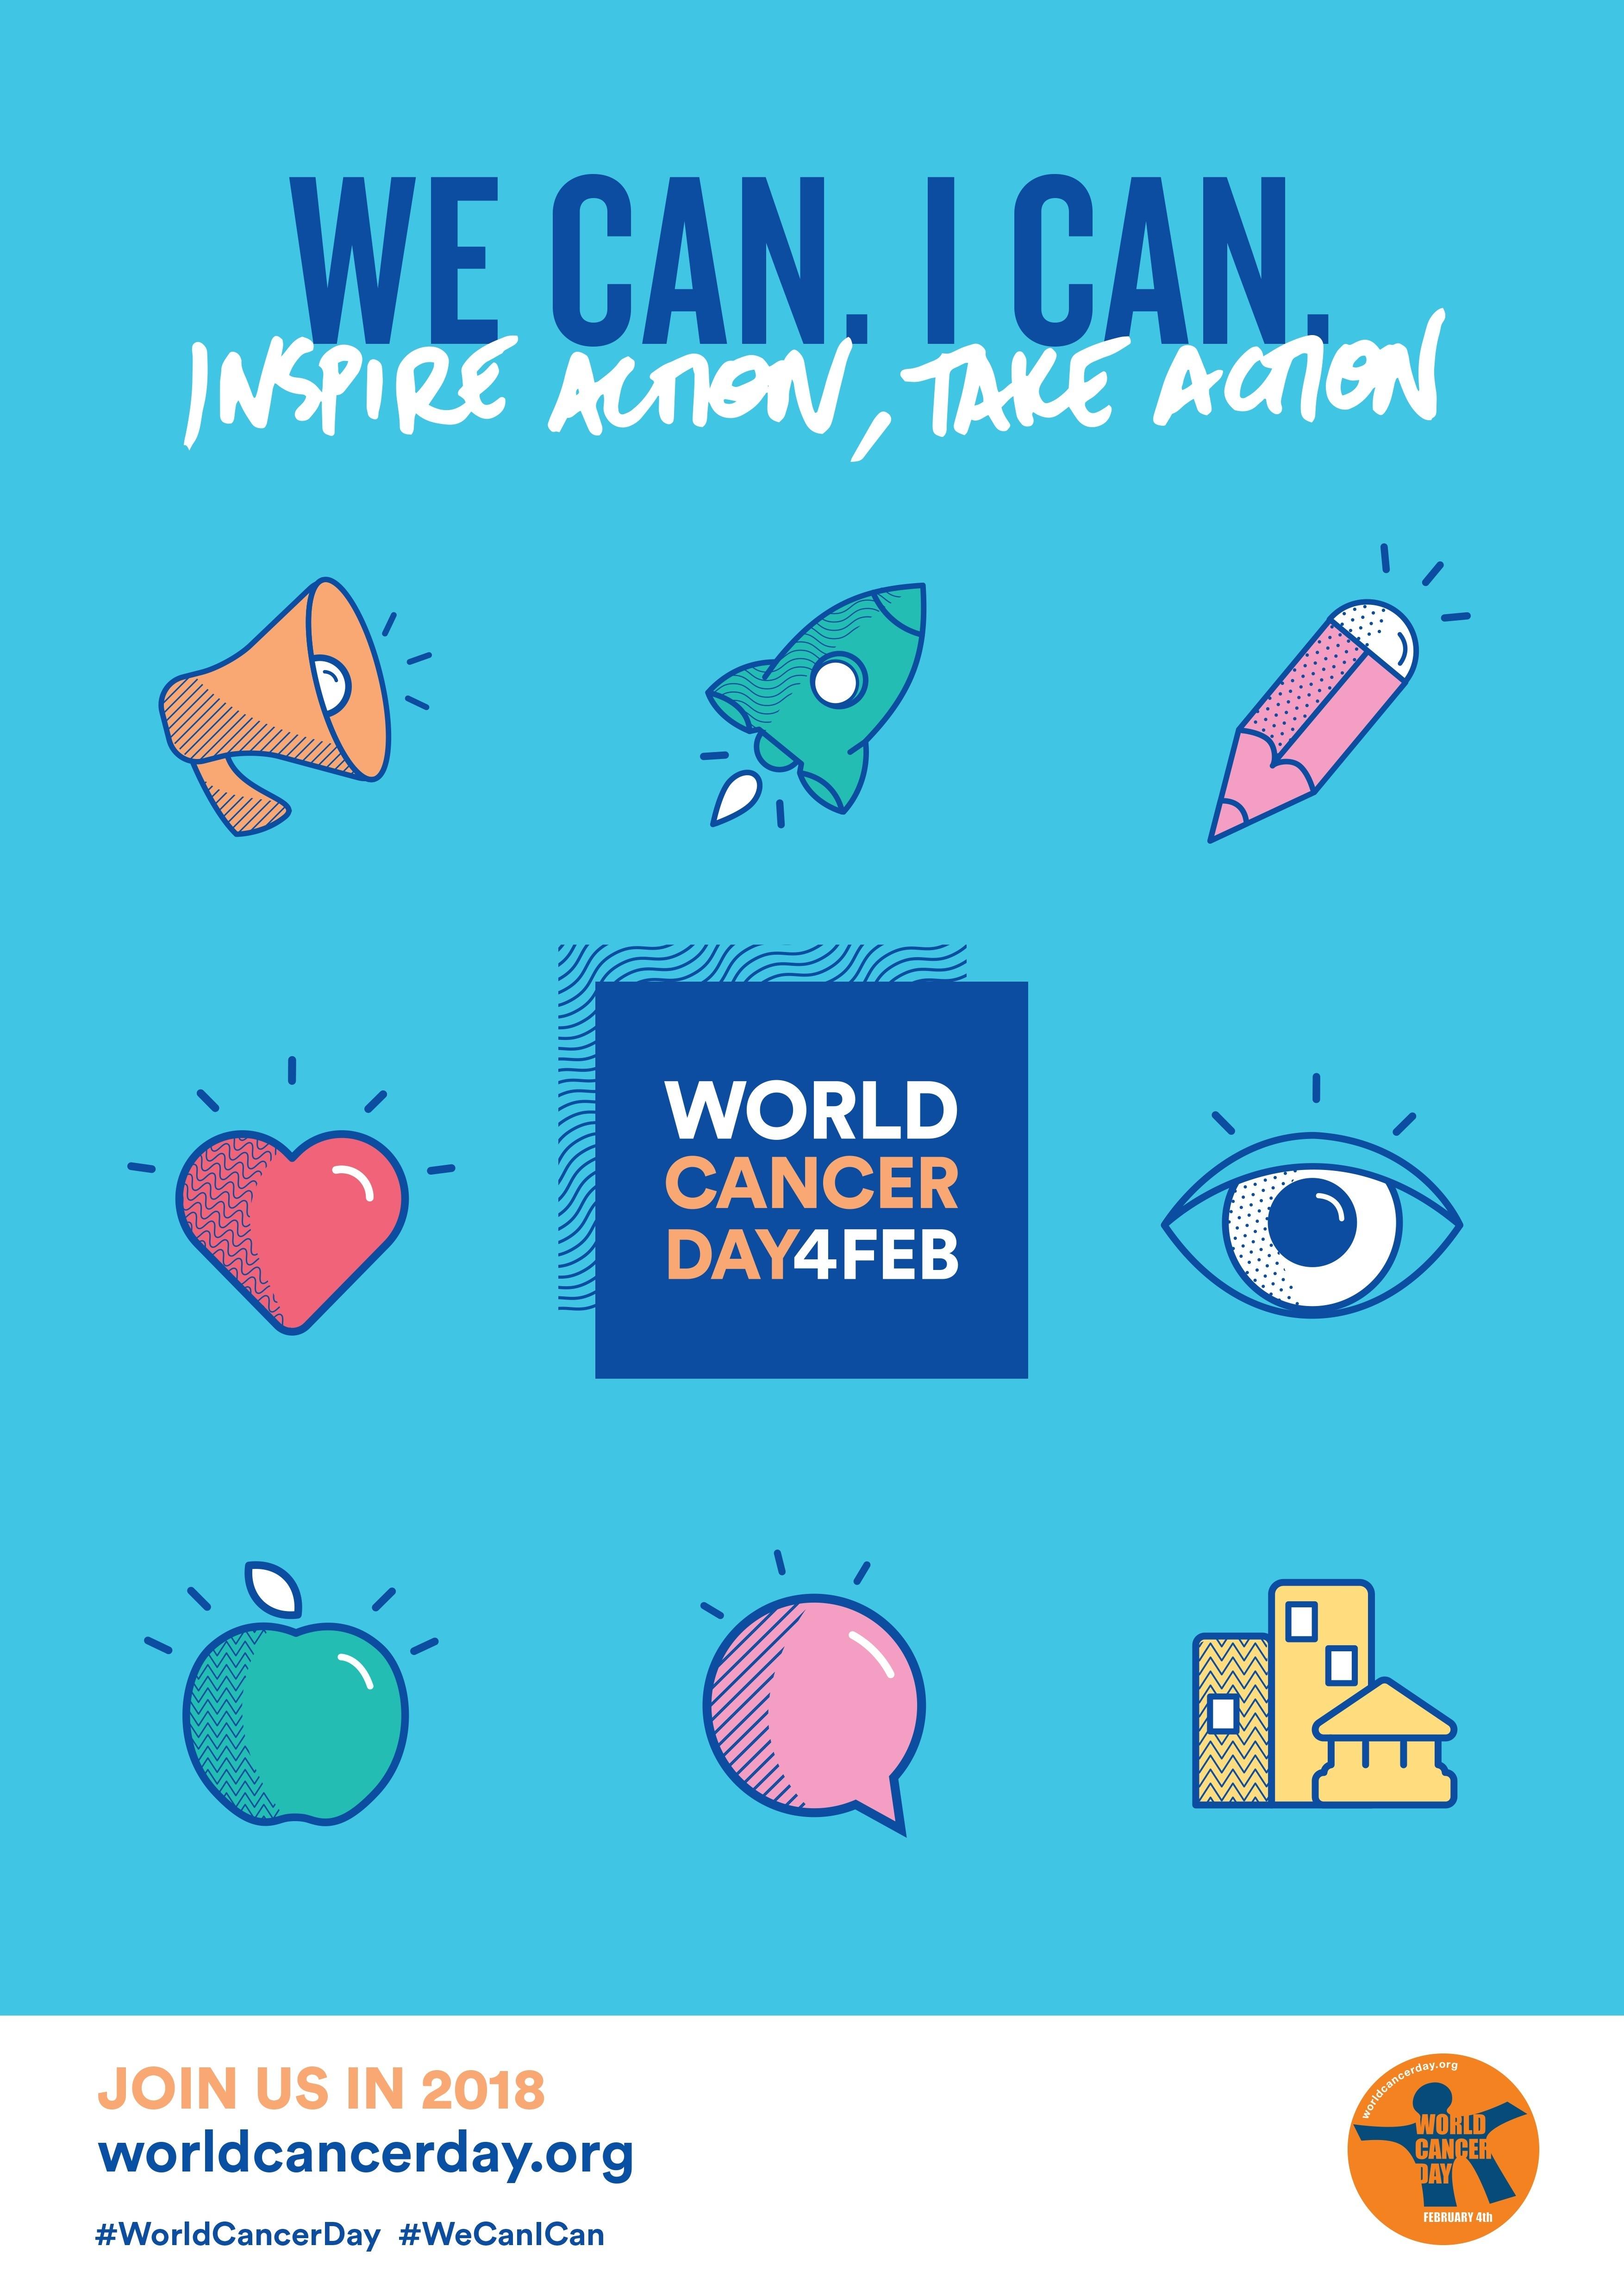 World Cancer Day #WorldCancerDay #WeCanICan